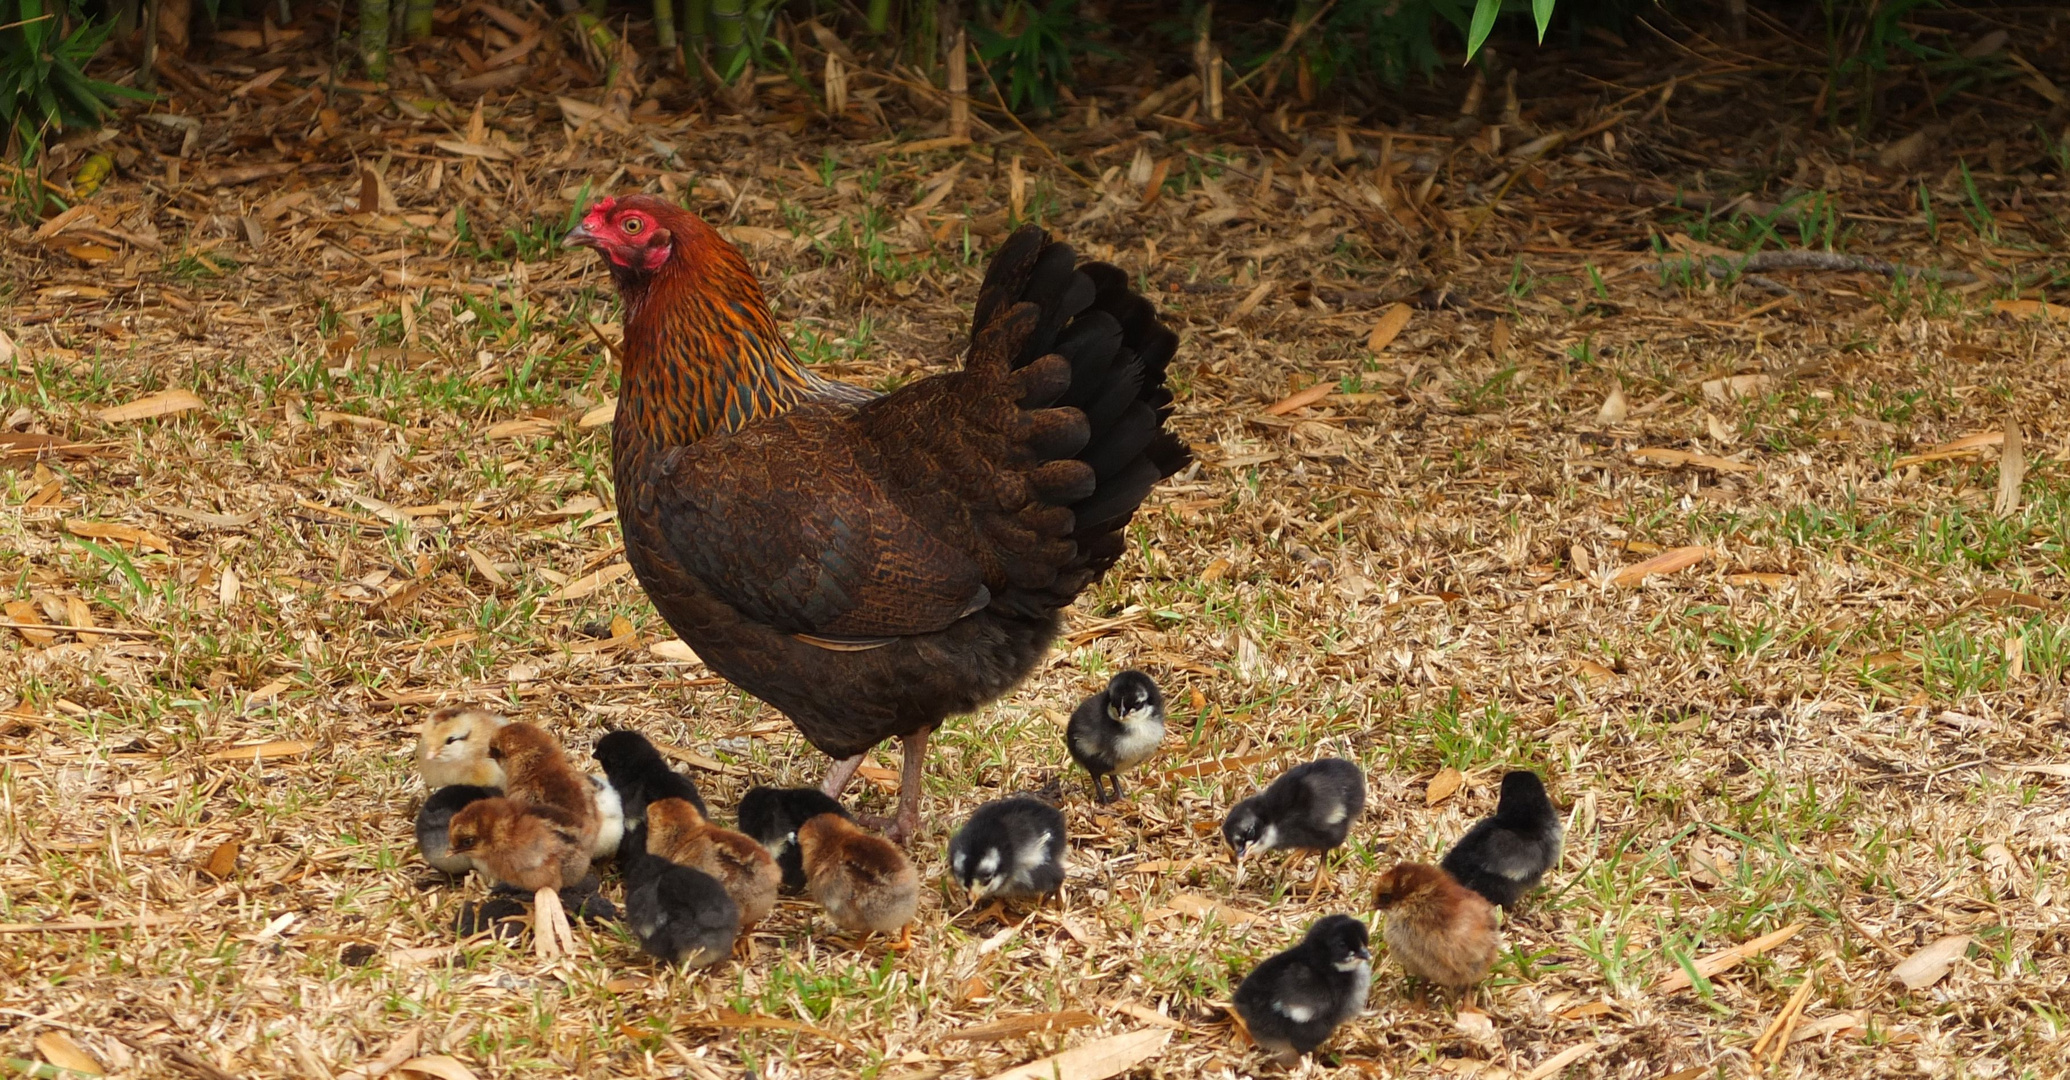 La m re poule et ses poussins photo et image animaux - Image de la poule ...